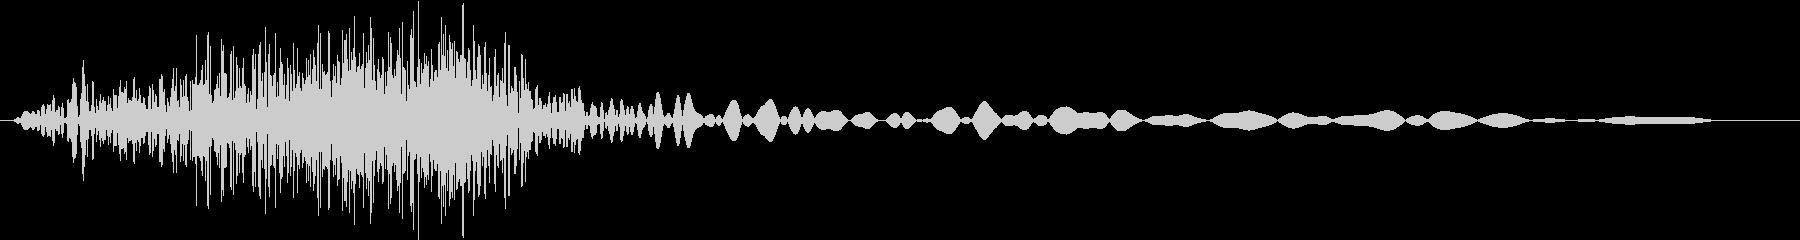 シューッという音EC07_87_4の未再生の波形